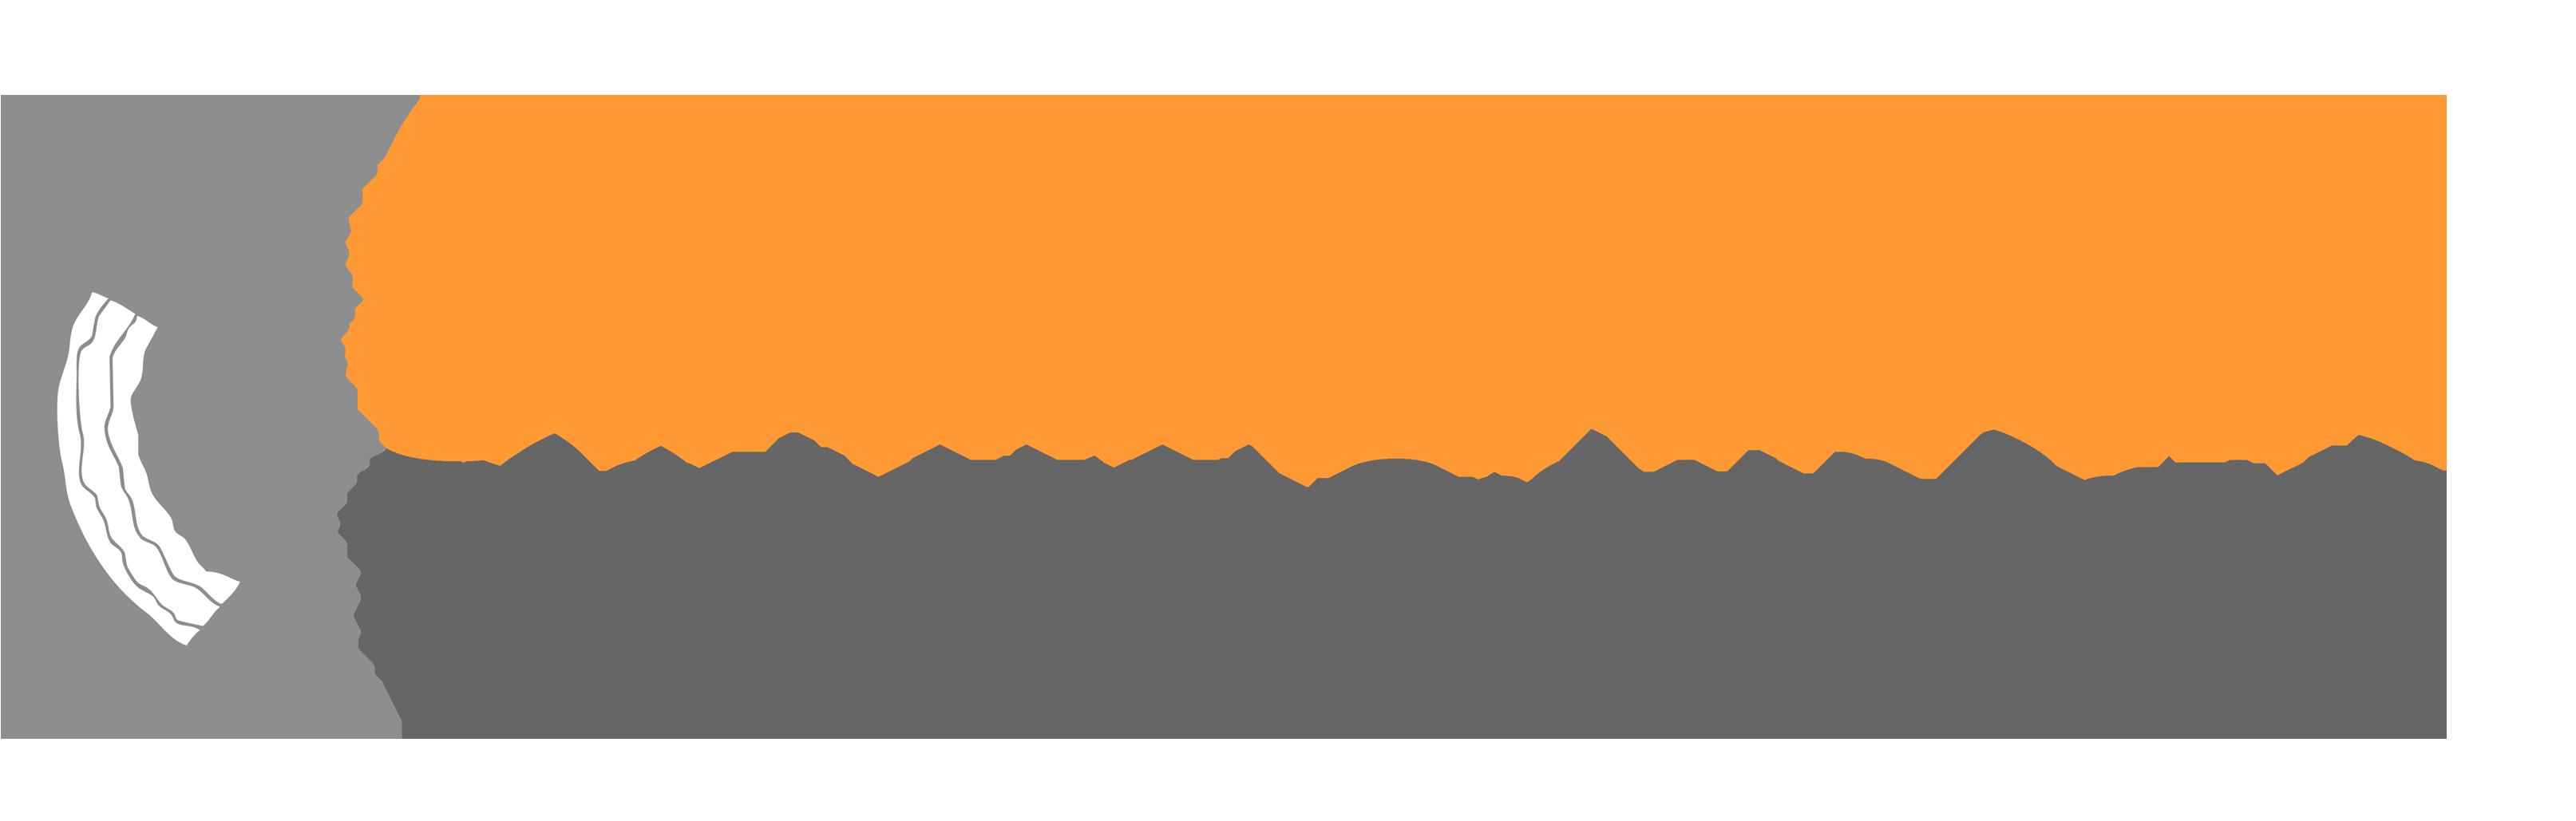 Stammermann Tischlerei GmbH und Co.KG